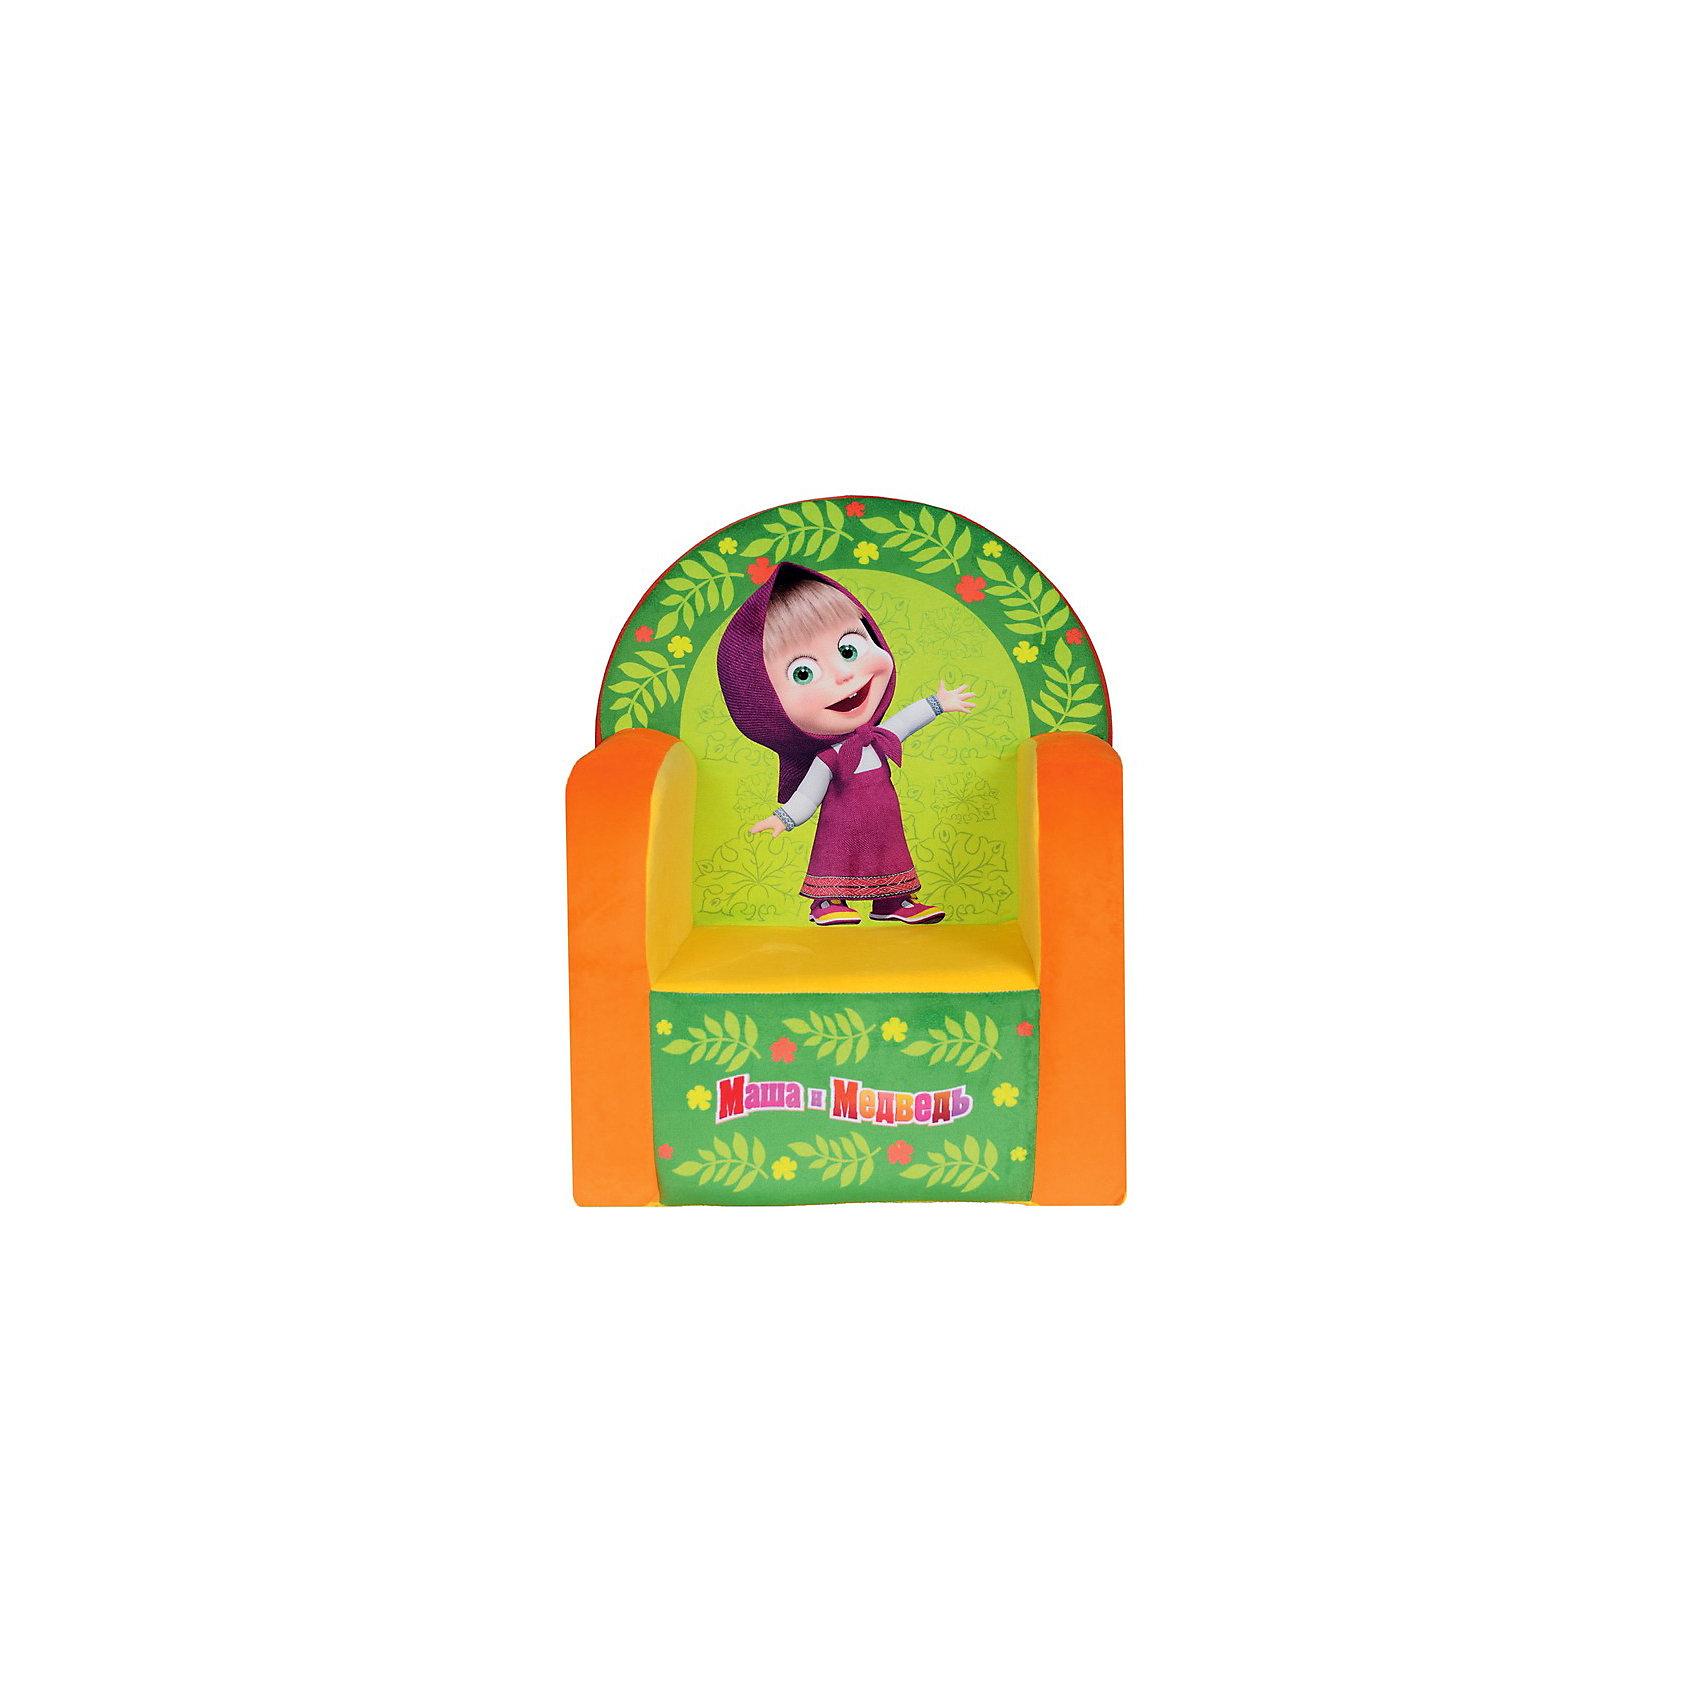 Игрушка-кресло Маша и медведьДетское кресло с изображением  главной героини мультфильма Маша и Медведь Маши. На этом замечательном кресле можно играть и смотреть мультфильмы. Дизайн данной модели впишется в любой интерьер детской комнаты. А за счёт компактных размеров - разместить её можно даже в небольшой комнатке. <br>Кресло не раскладывается.<br><br>Дополнительная информация:<br><br>- материал:  обивка - искусственный мех, наполнитель - поролон.<br>- размеры коробки (длн-шрн-вст): 41 х 53 х 34 см. <br>- вес - 1кг 100 гр.<br><br>Кресло Маша и медведь можно купить в нашем интернет-магазине<br><br>Ширина мм: 530<br>Глубина мм: 320<br>Высота мм: 410<br>Вес г: 1075<br>Возраст от месяцев: 24<br>Возраст до месяцев: 60<br>Пол: Унисекс<br>Возраст: Детский<br>SKU: 3440342